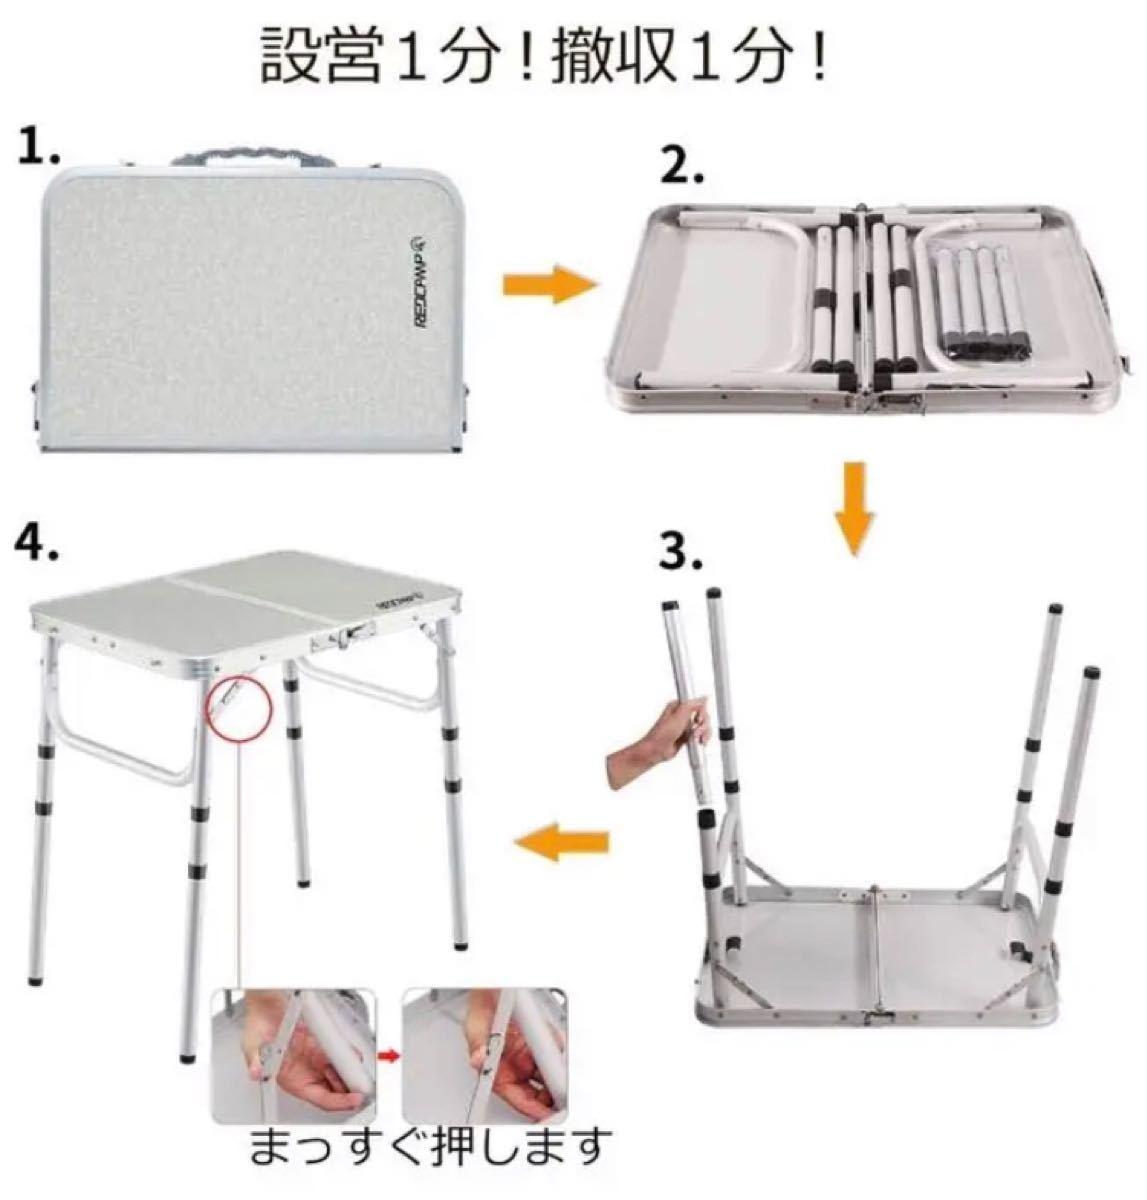 折りたたみ テーブル キャンプ アウトドア 高さ調節可能な脚